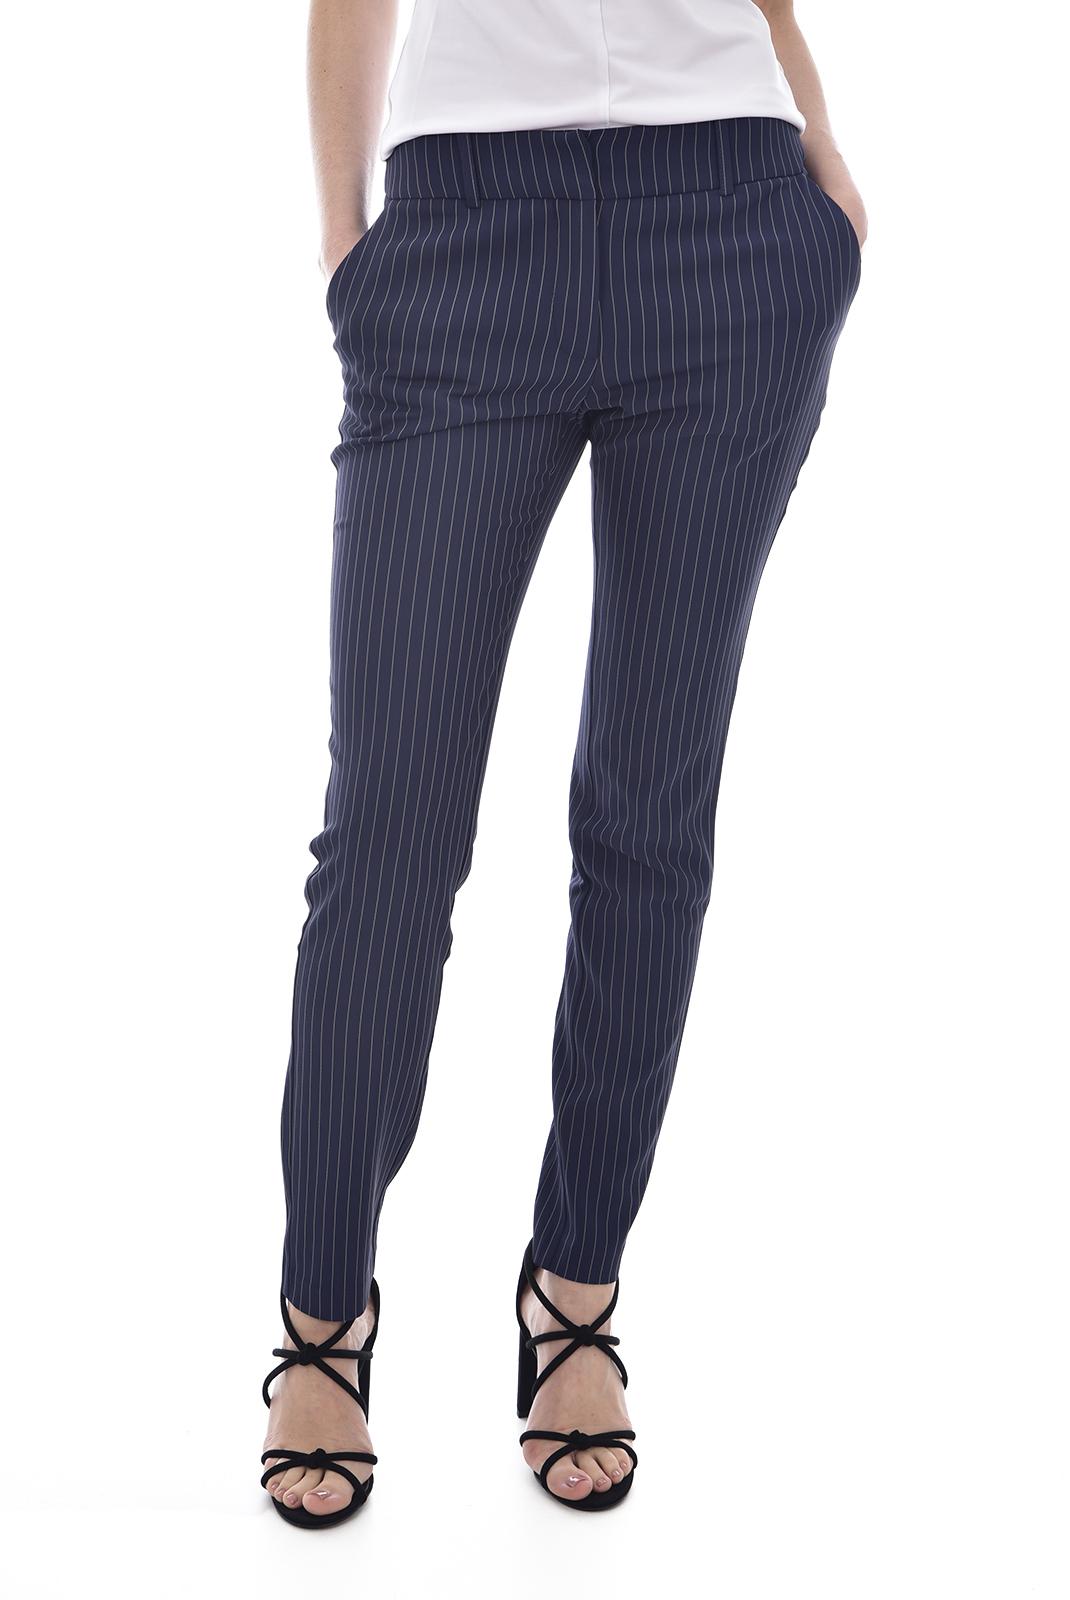 Pantalons  Guess jeans W92B55 WBGC0 S761